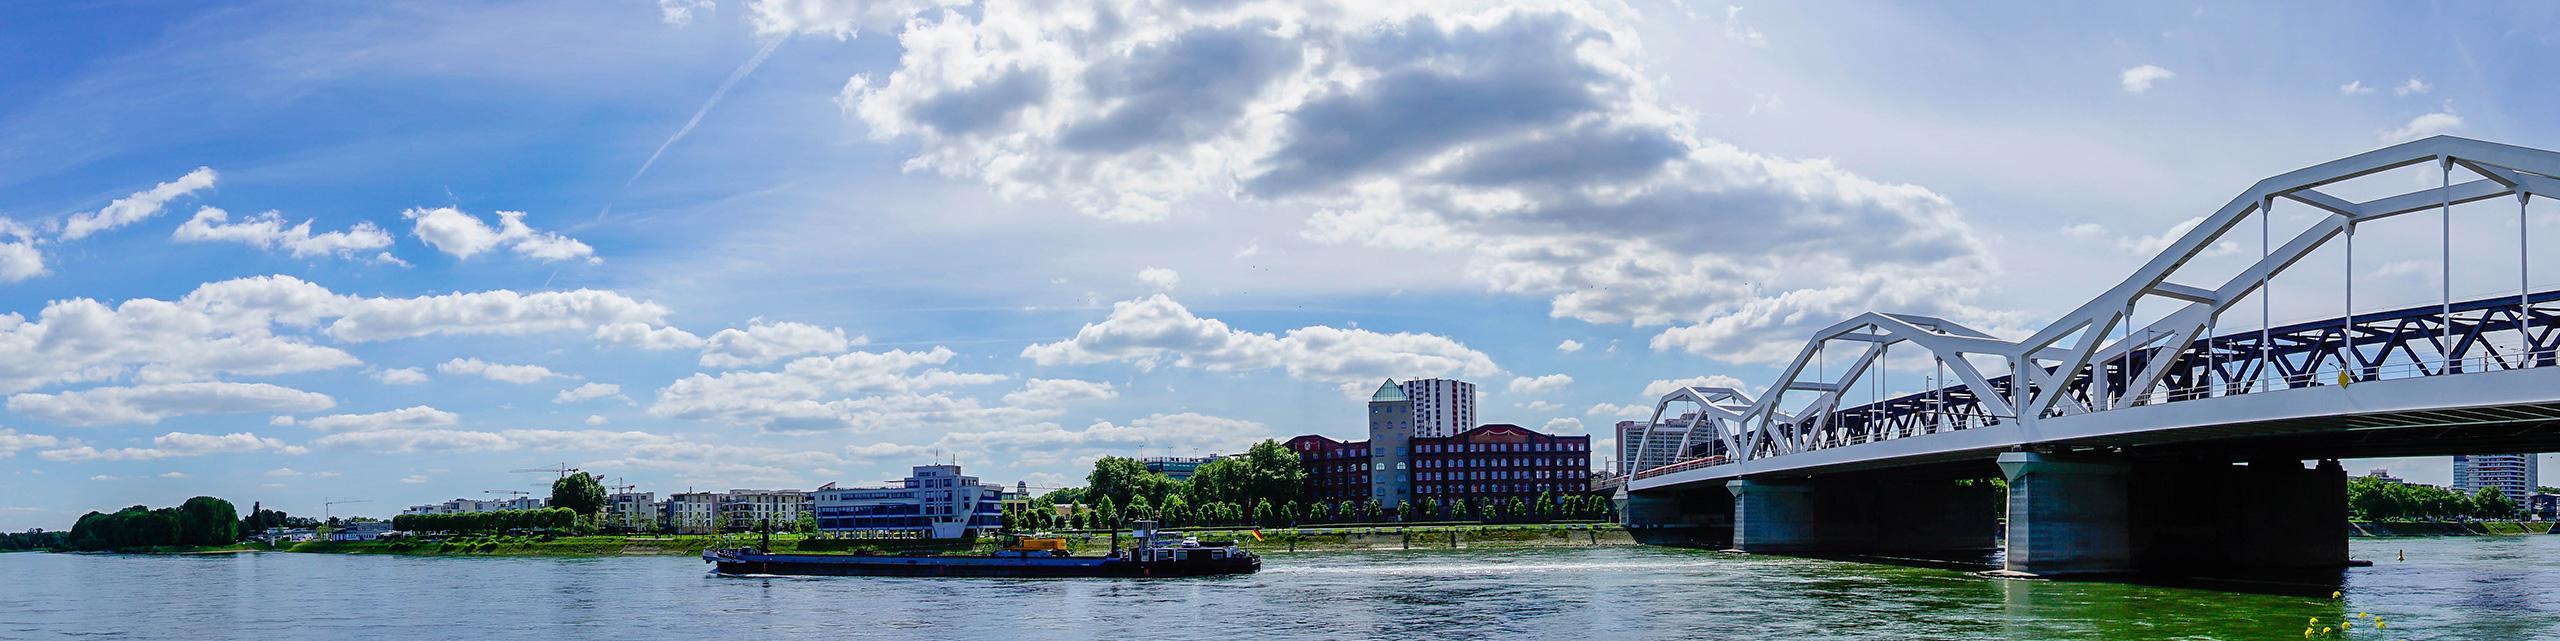 RA-Wegner Ludwigshafen am Rhein